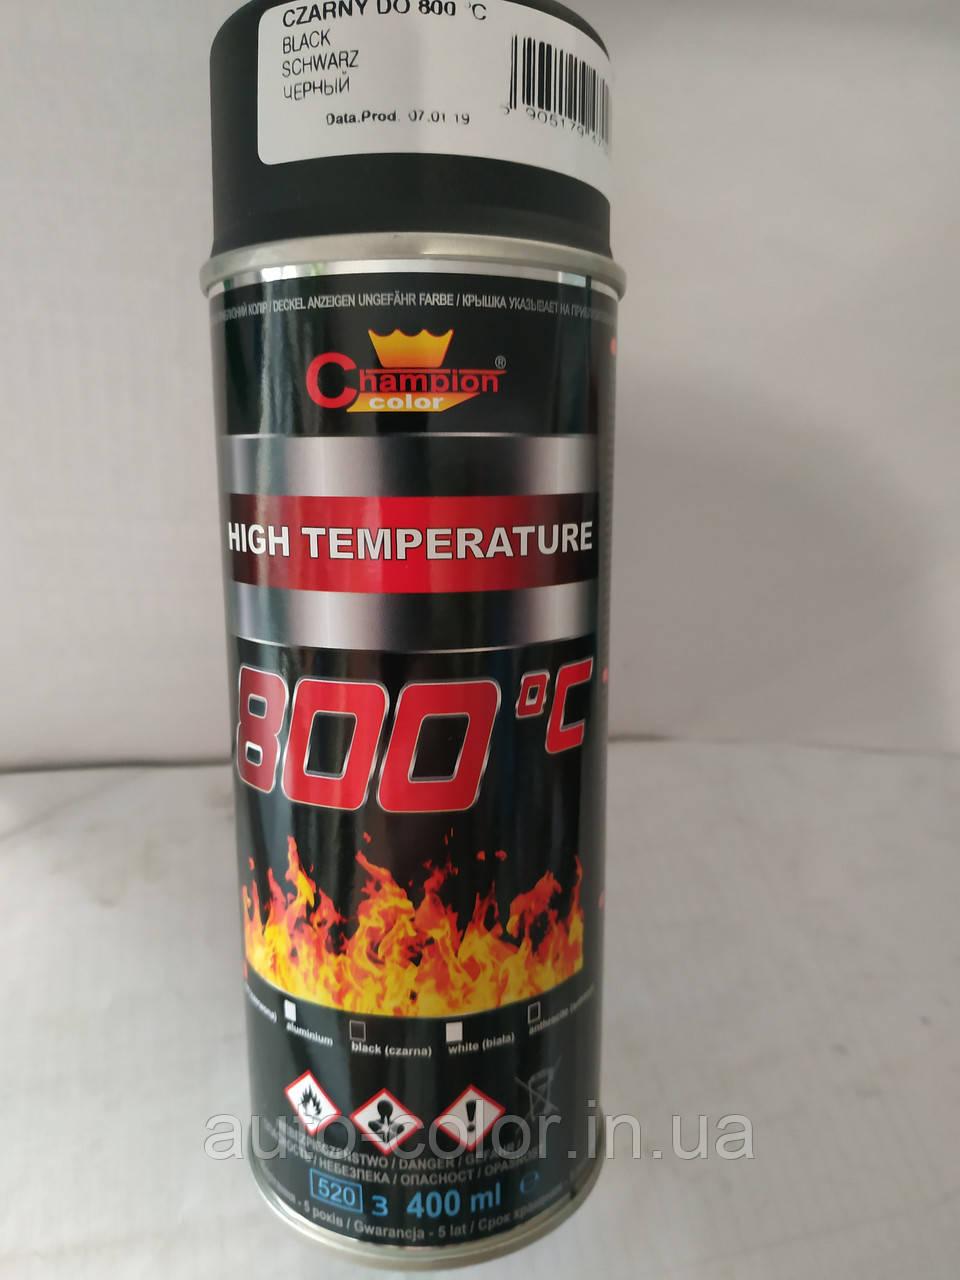 Аэрозоль краска жаростойкая CHAMPION 800 *С черная 400 мл